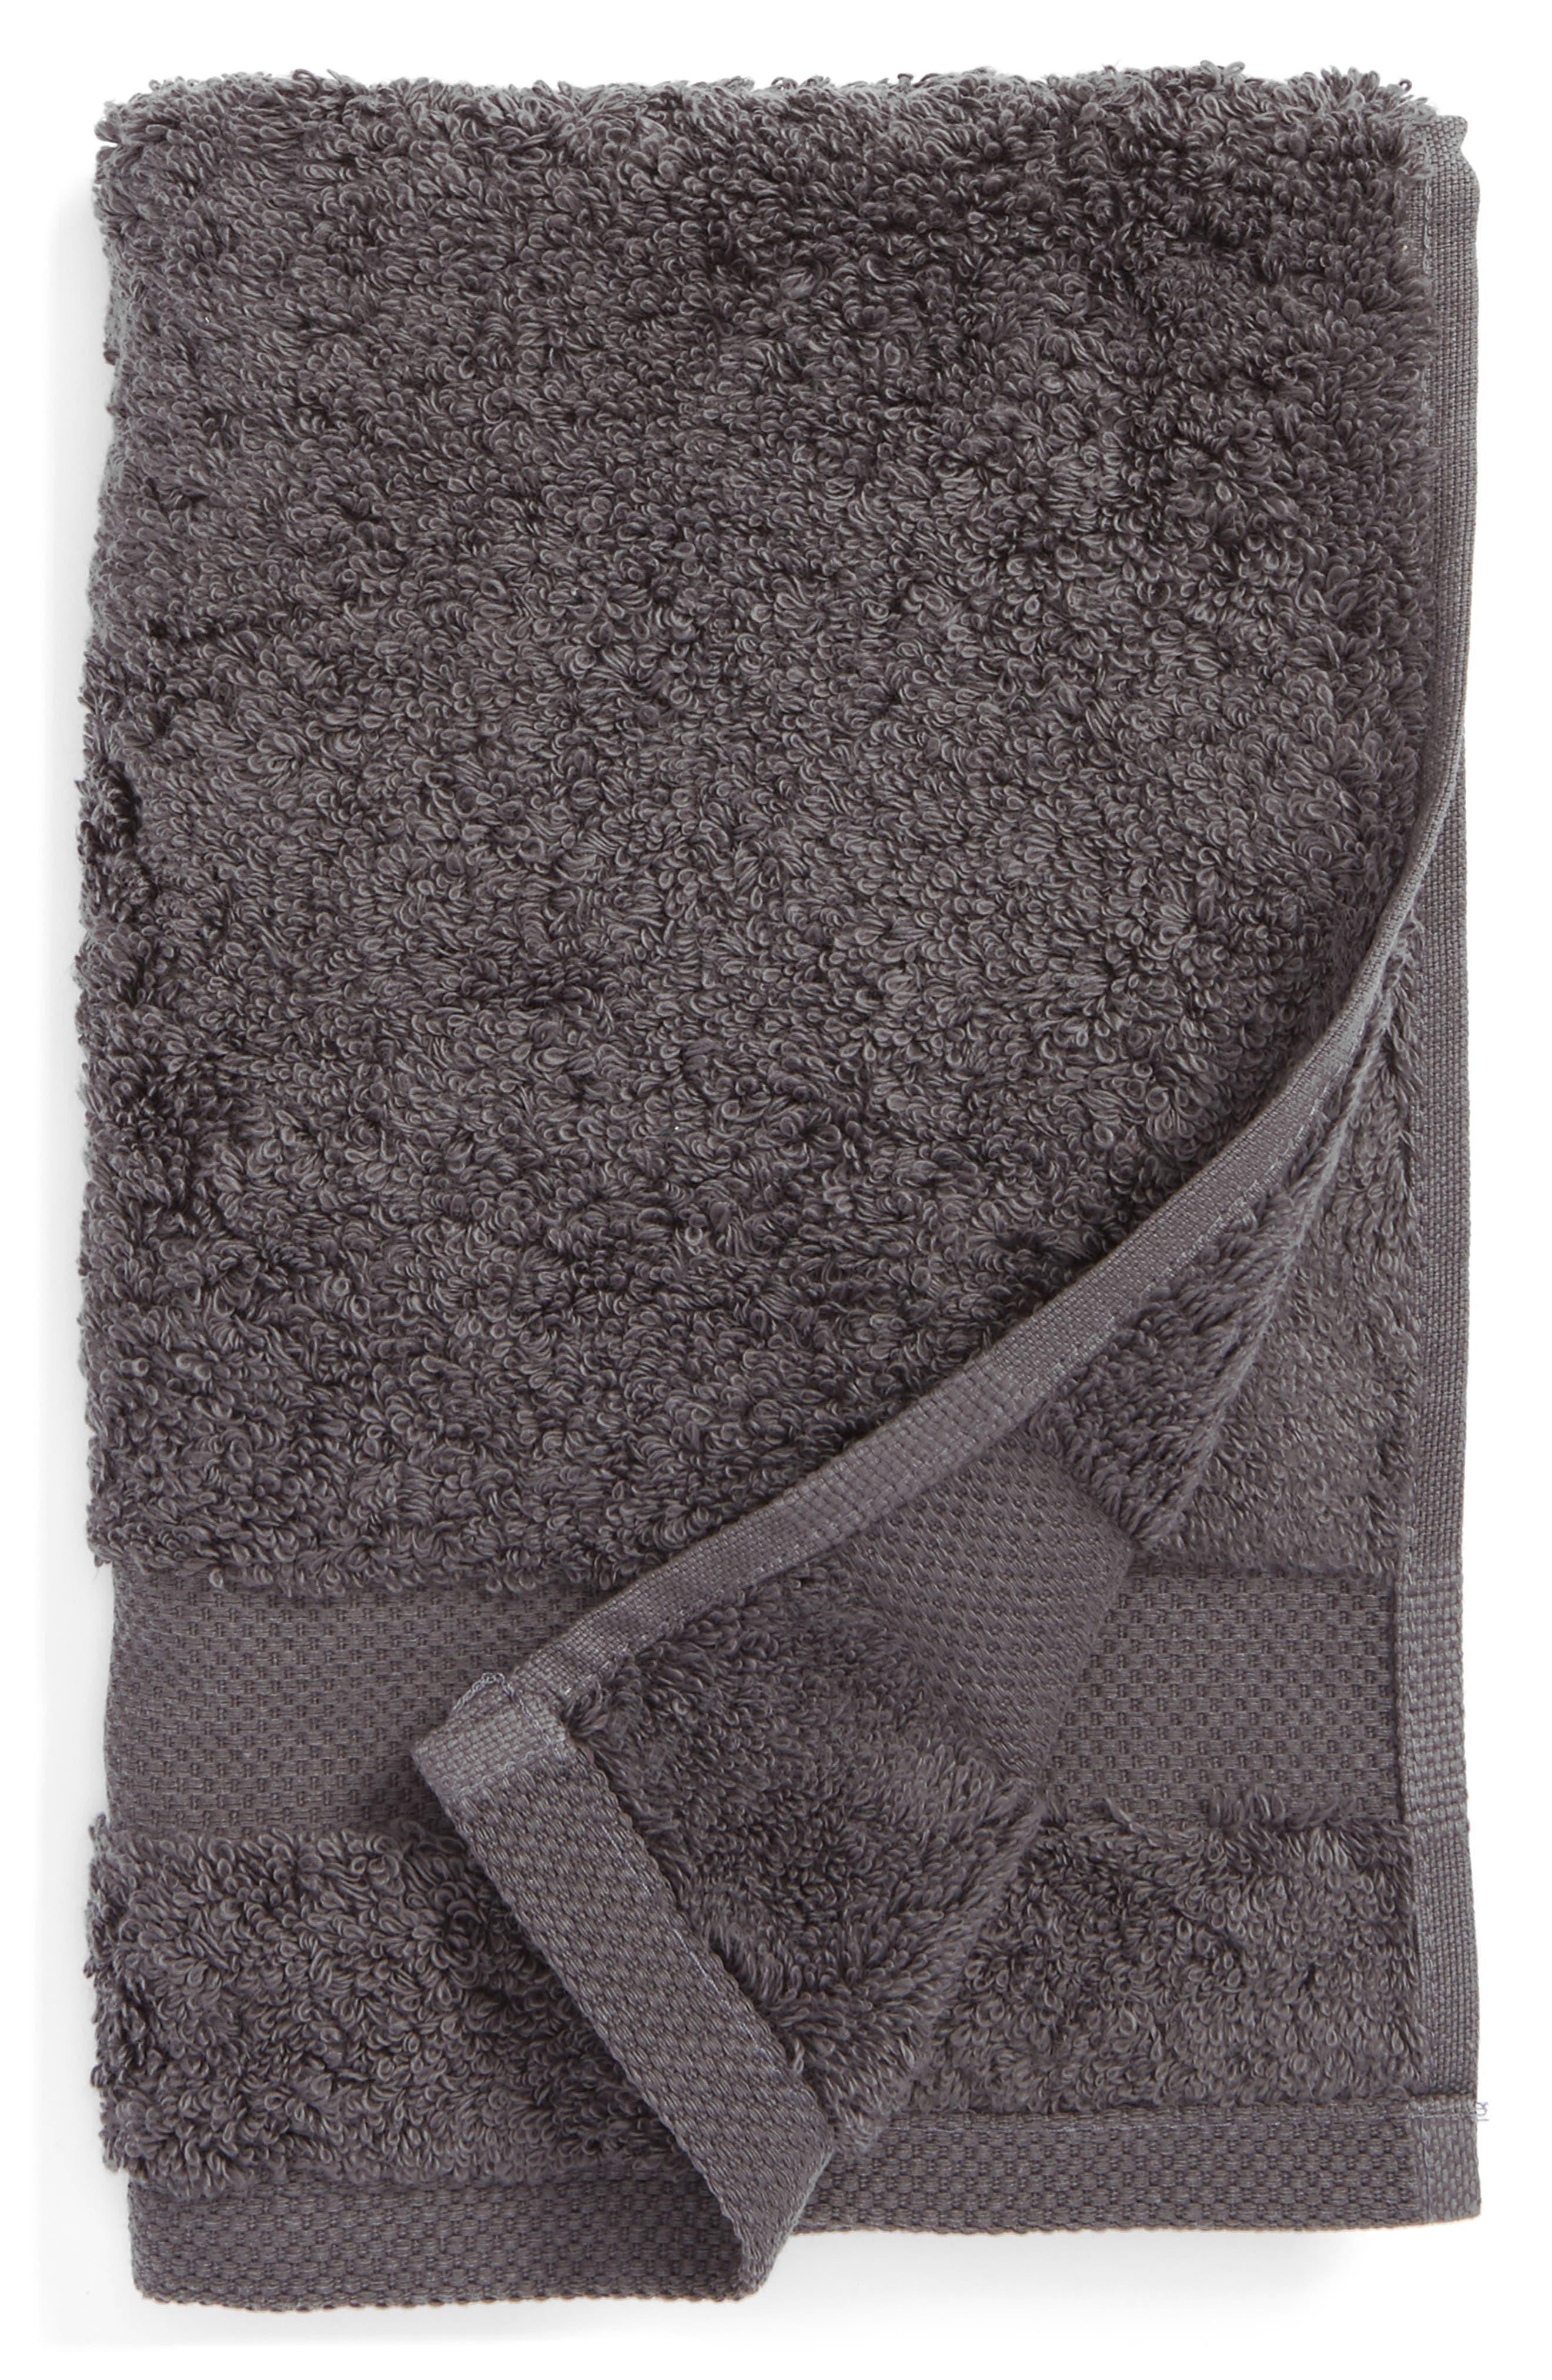 Lotus Fingertip Towel,                         Main,                         color, Charcoal